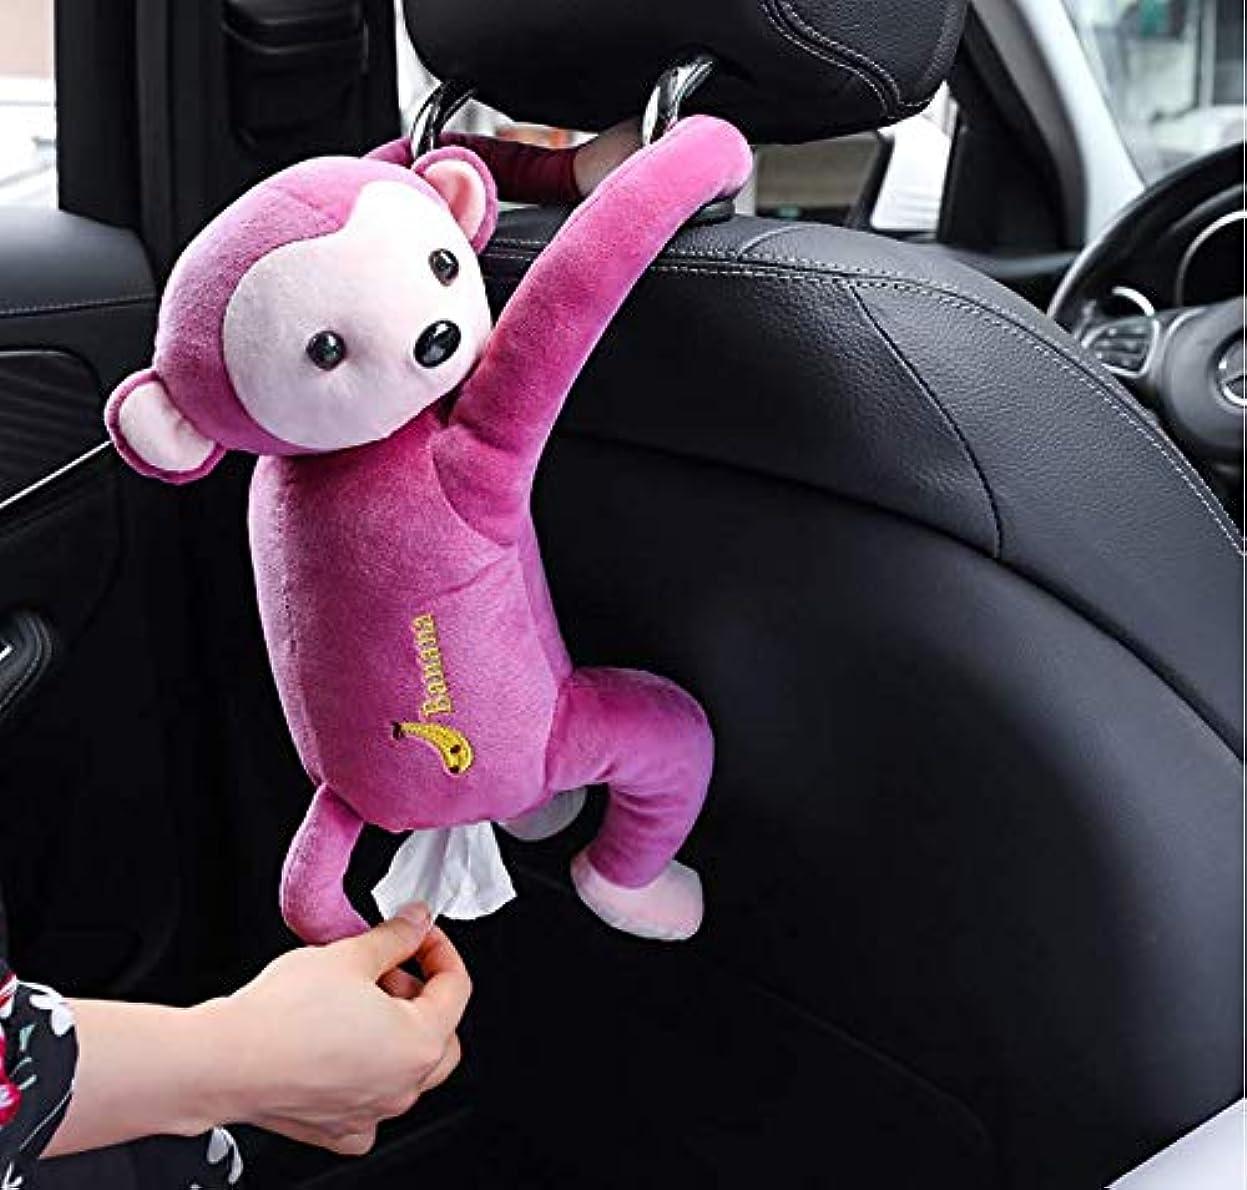 再び検査ポンドCozyswan さるスタイルティッシュボックス おもしろい 両手にボタンで嵌め込む 車内 掛ける可能 かわいい お尻から引き出す